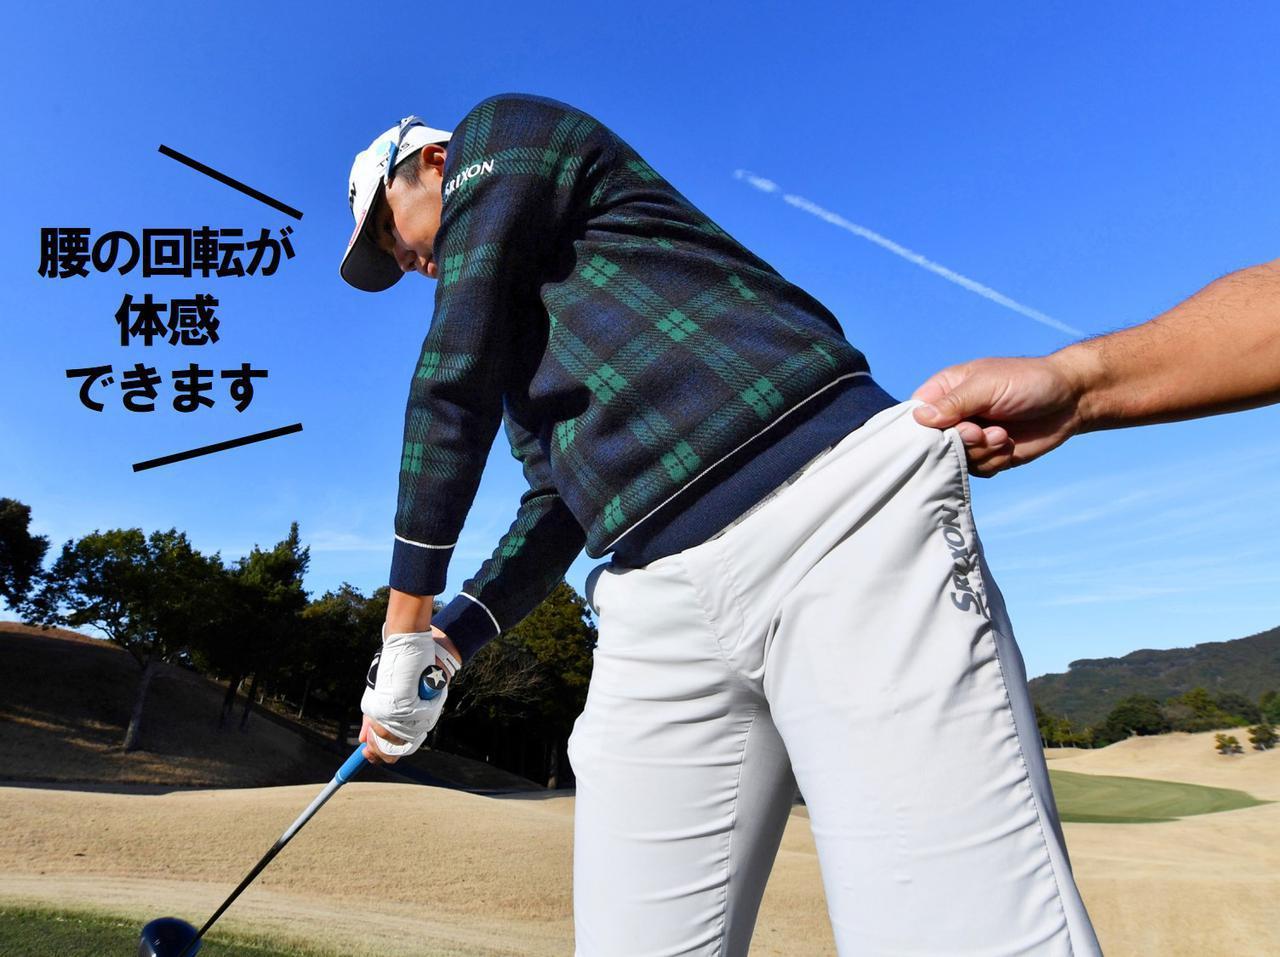 画像3: 【ヒッター代表】出水田大二郎プロ は、 左ひざを伸ばして腰をクルン!